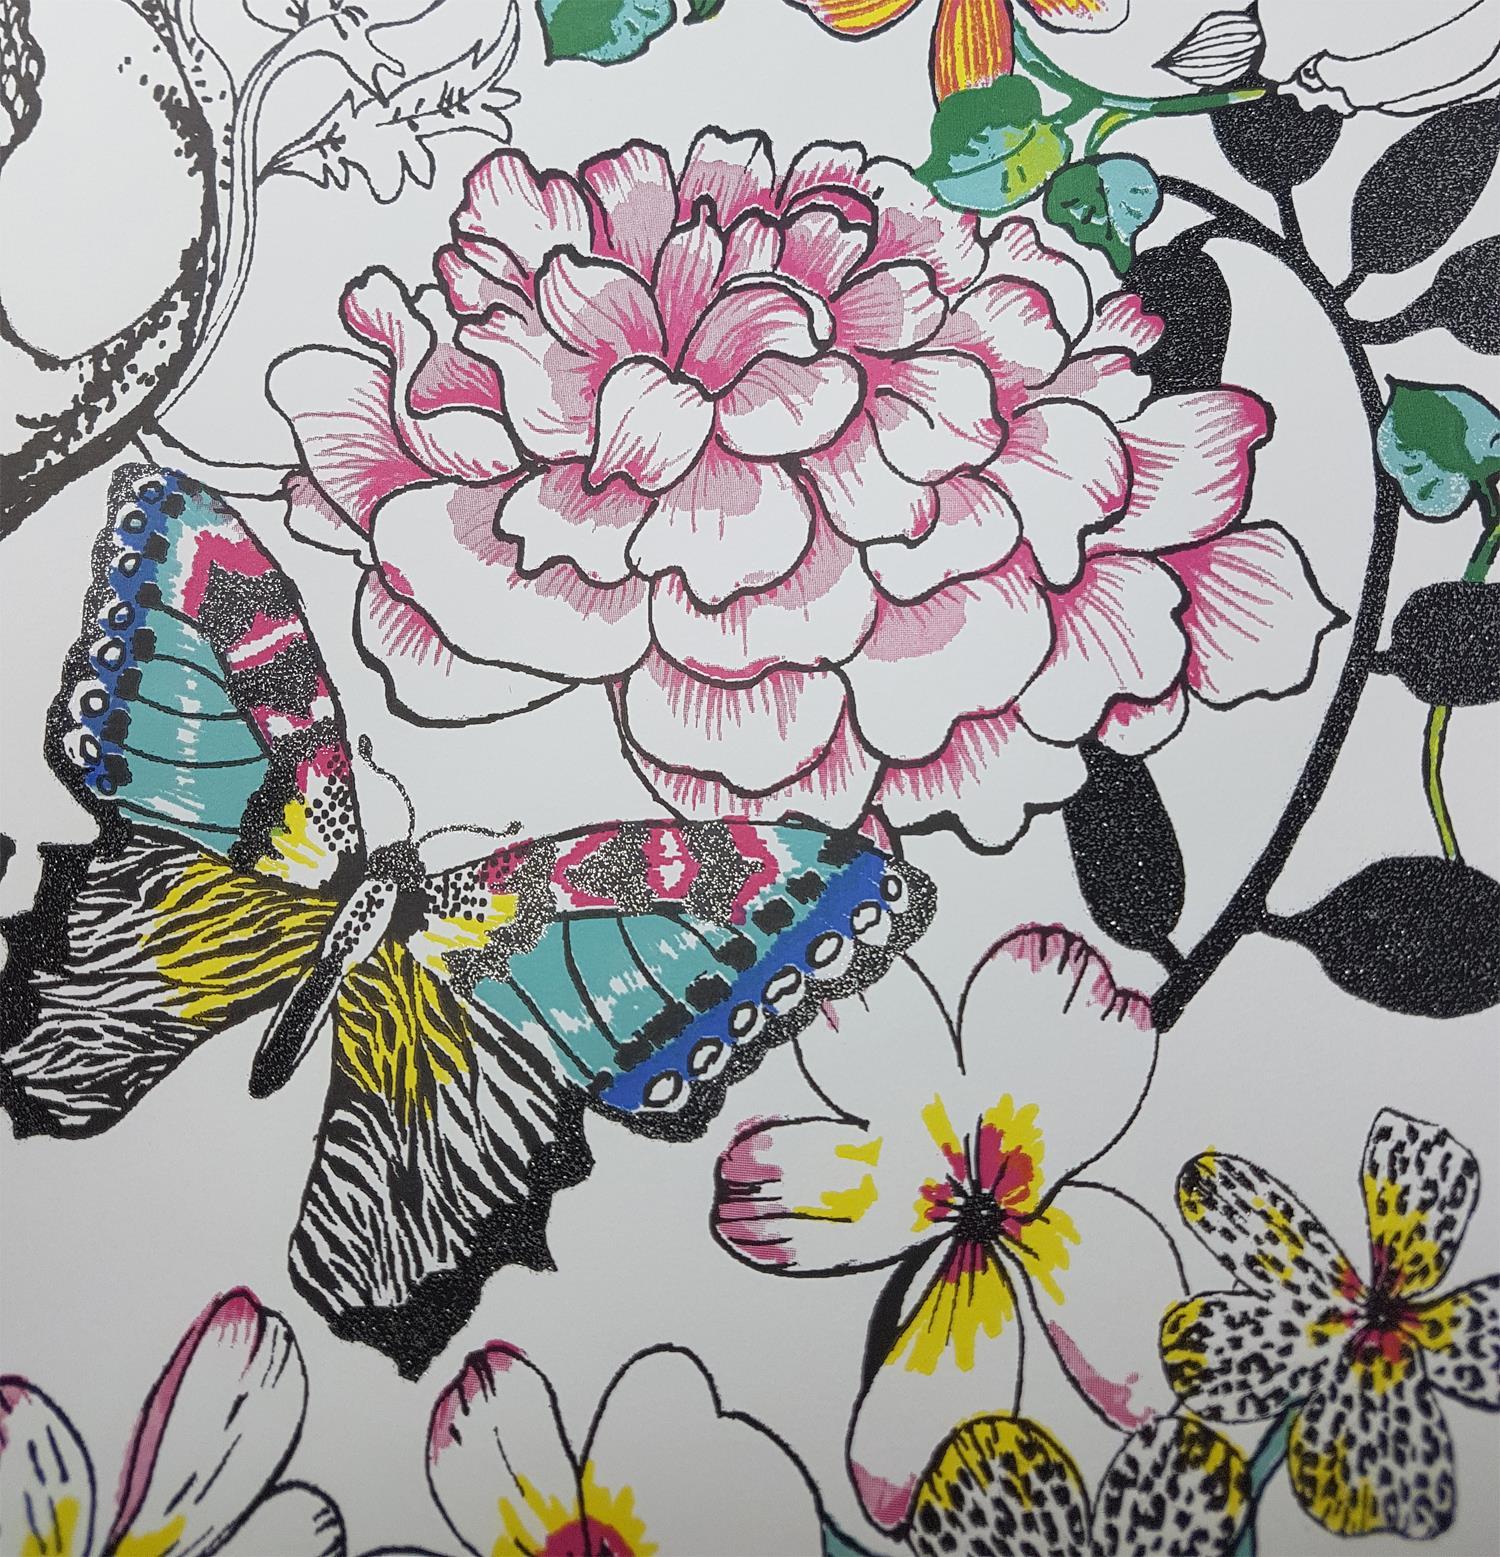 PAPILLONS FEUILLE FLORAL PAILLETÉ PAPIER PEINT Noir Blanc Rose Bleu Vert pâte mur